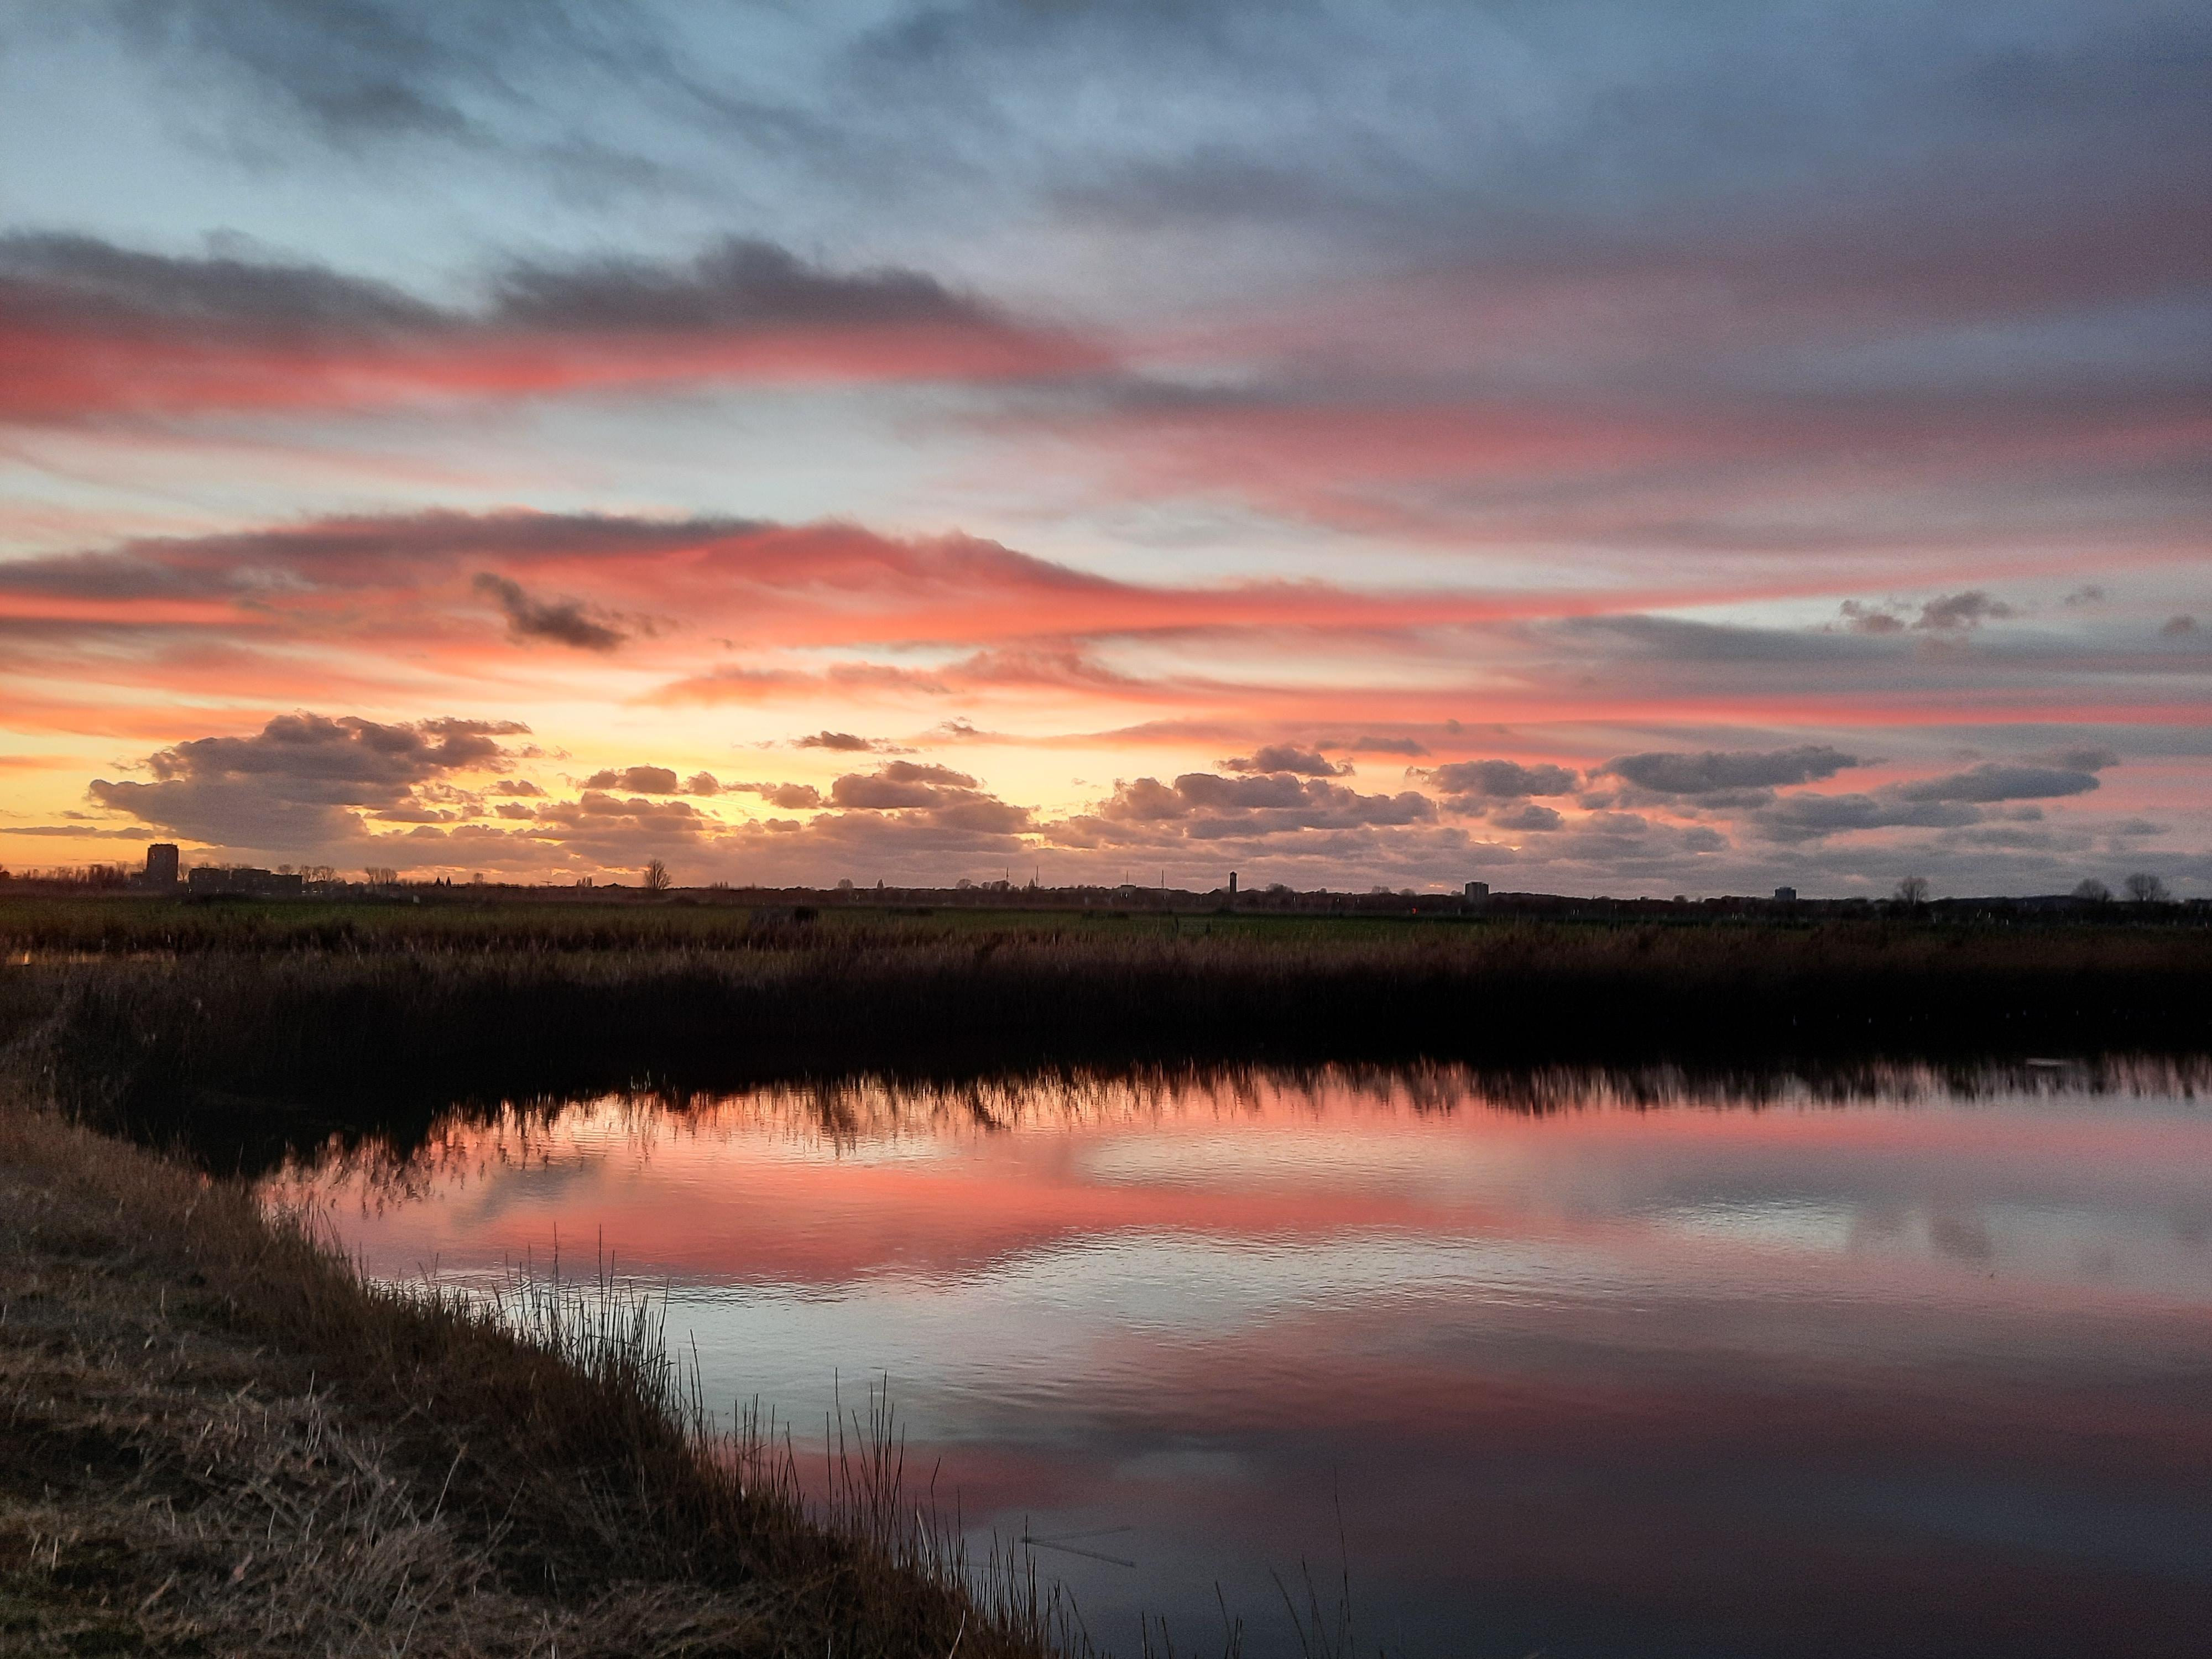 Lezersfoto: Schilderachtige zonsondergang bij de Hekslootpolder